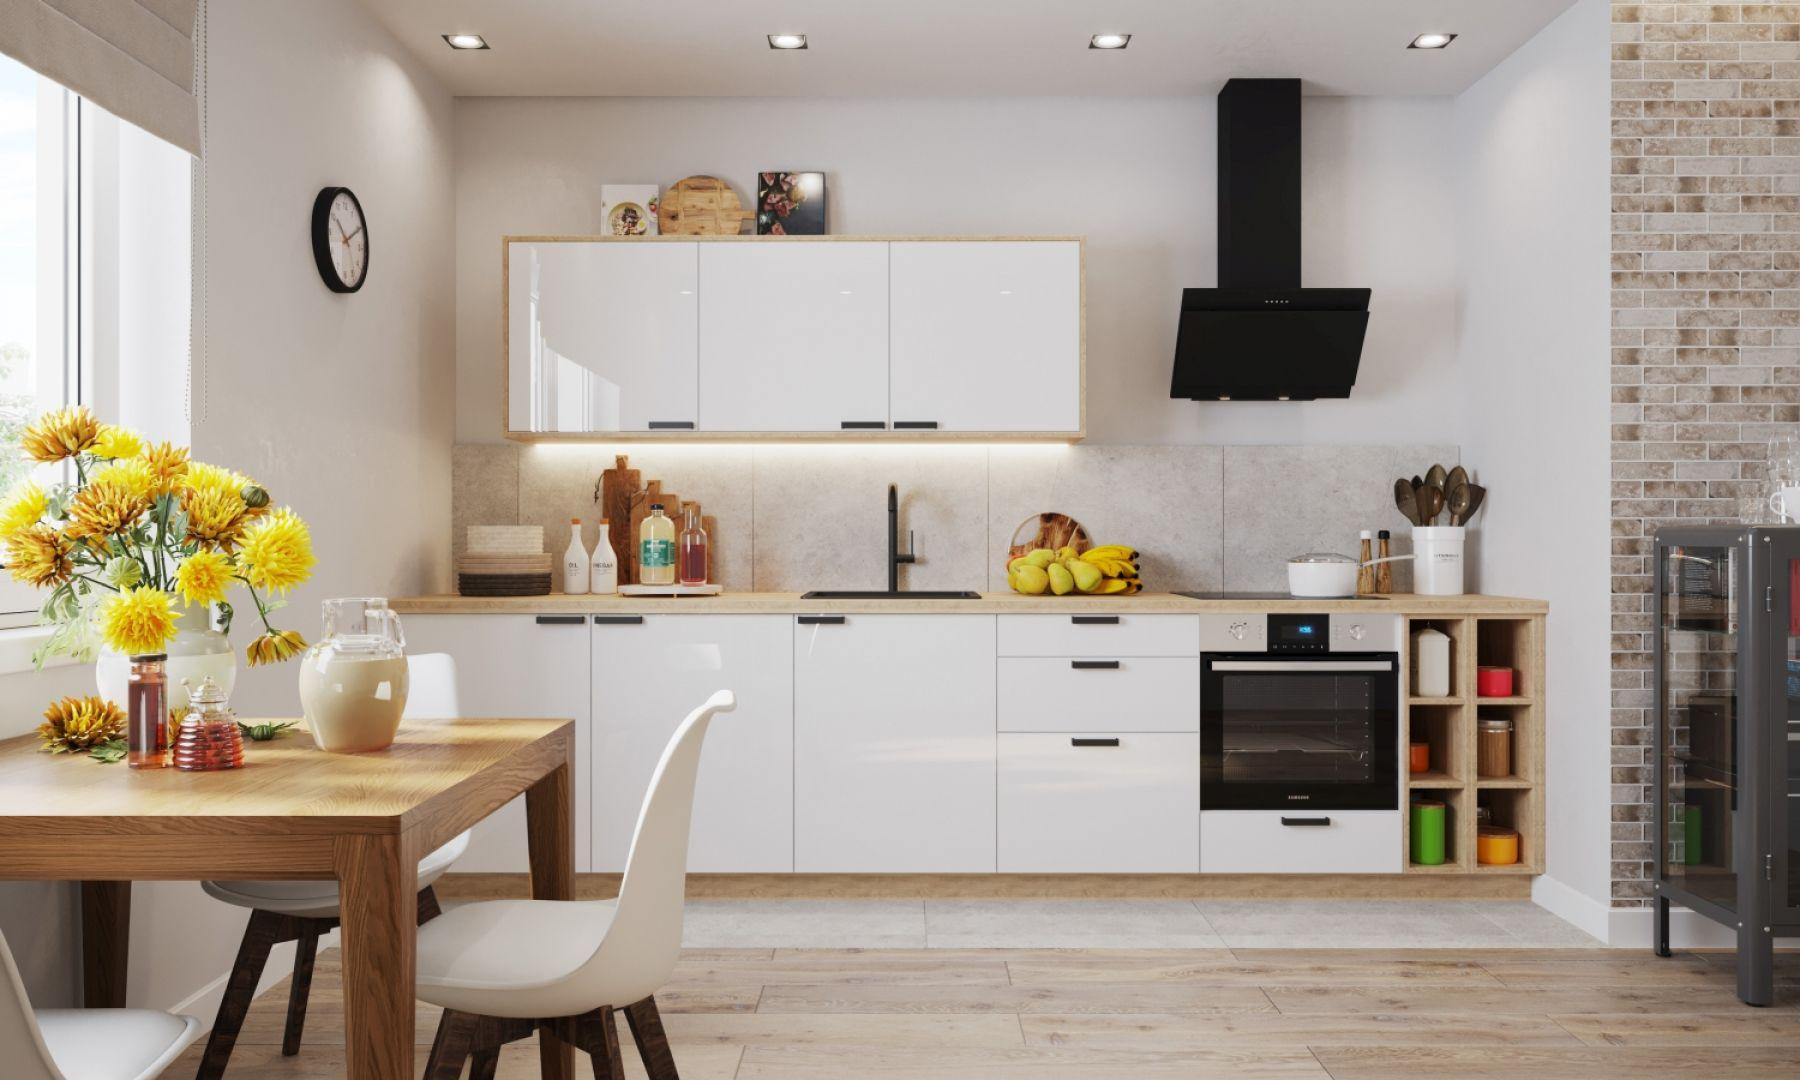 Meble do kuchni urządzonej w stylu nowoczesnym. Fot. Salony Agata